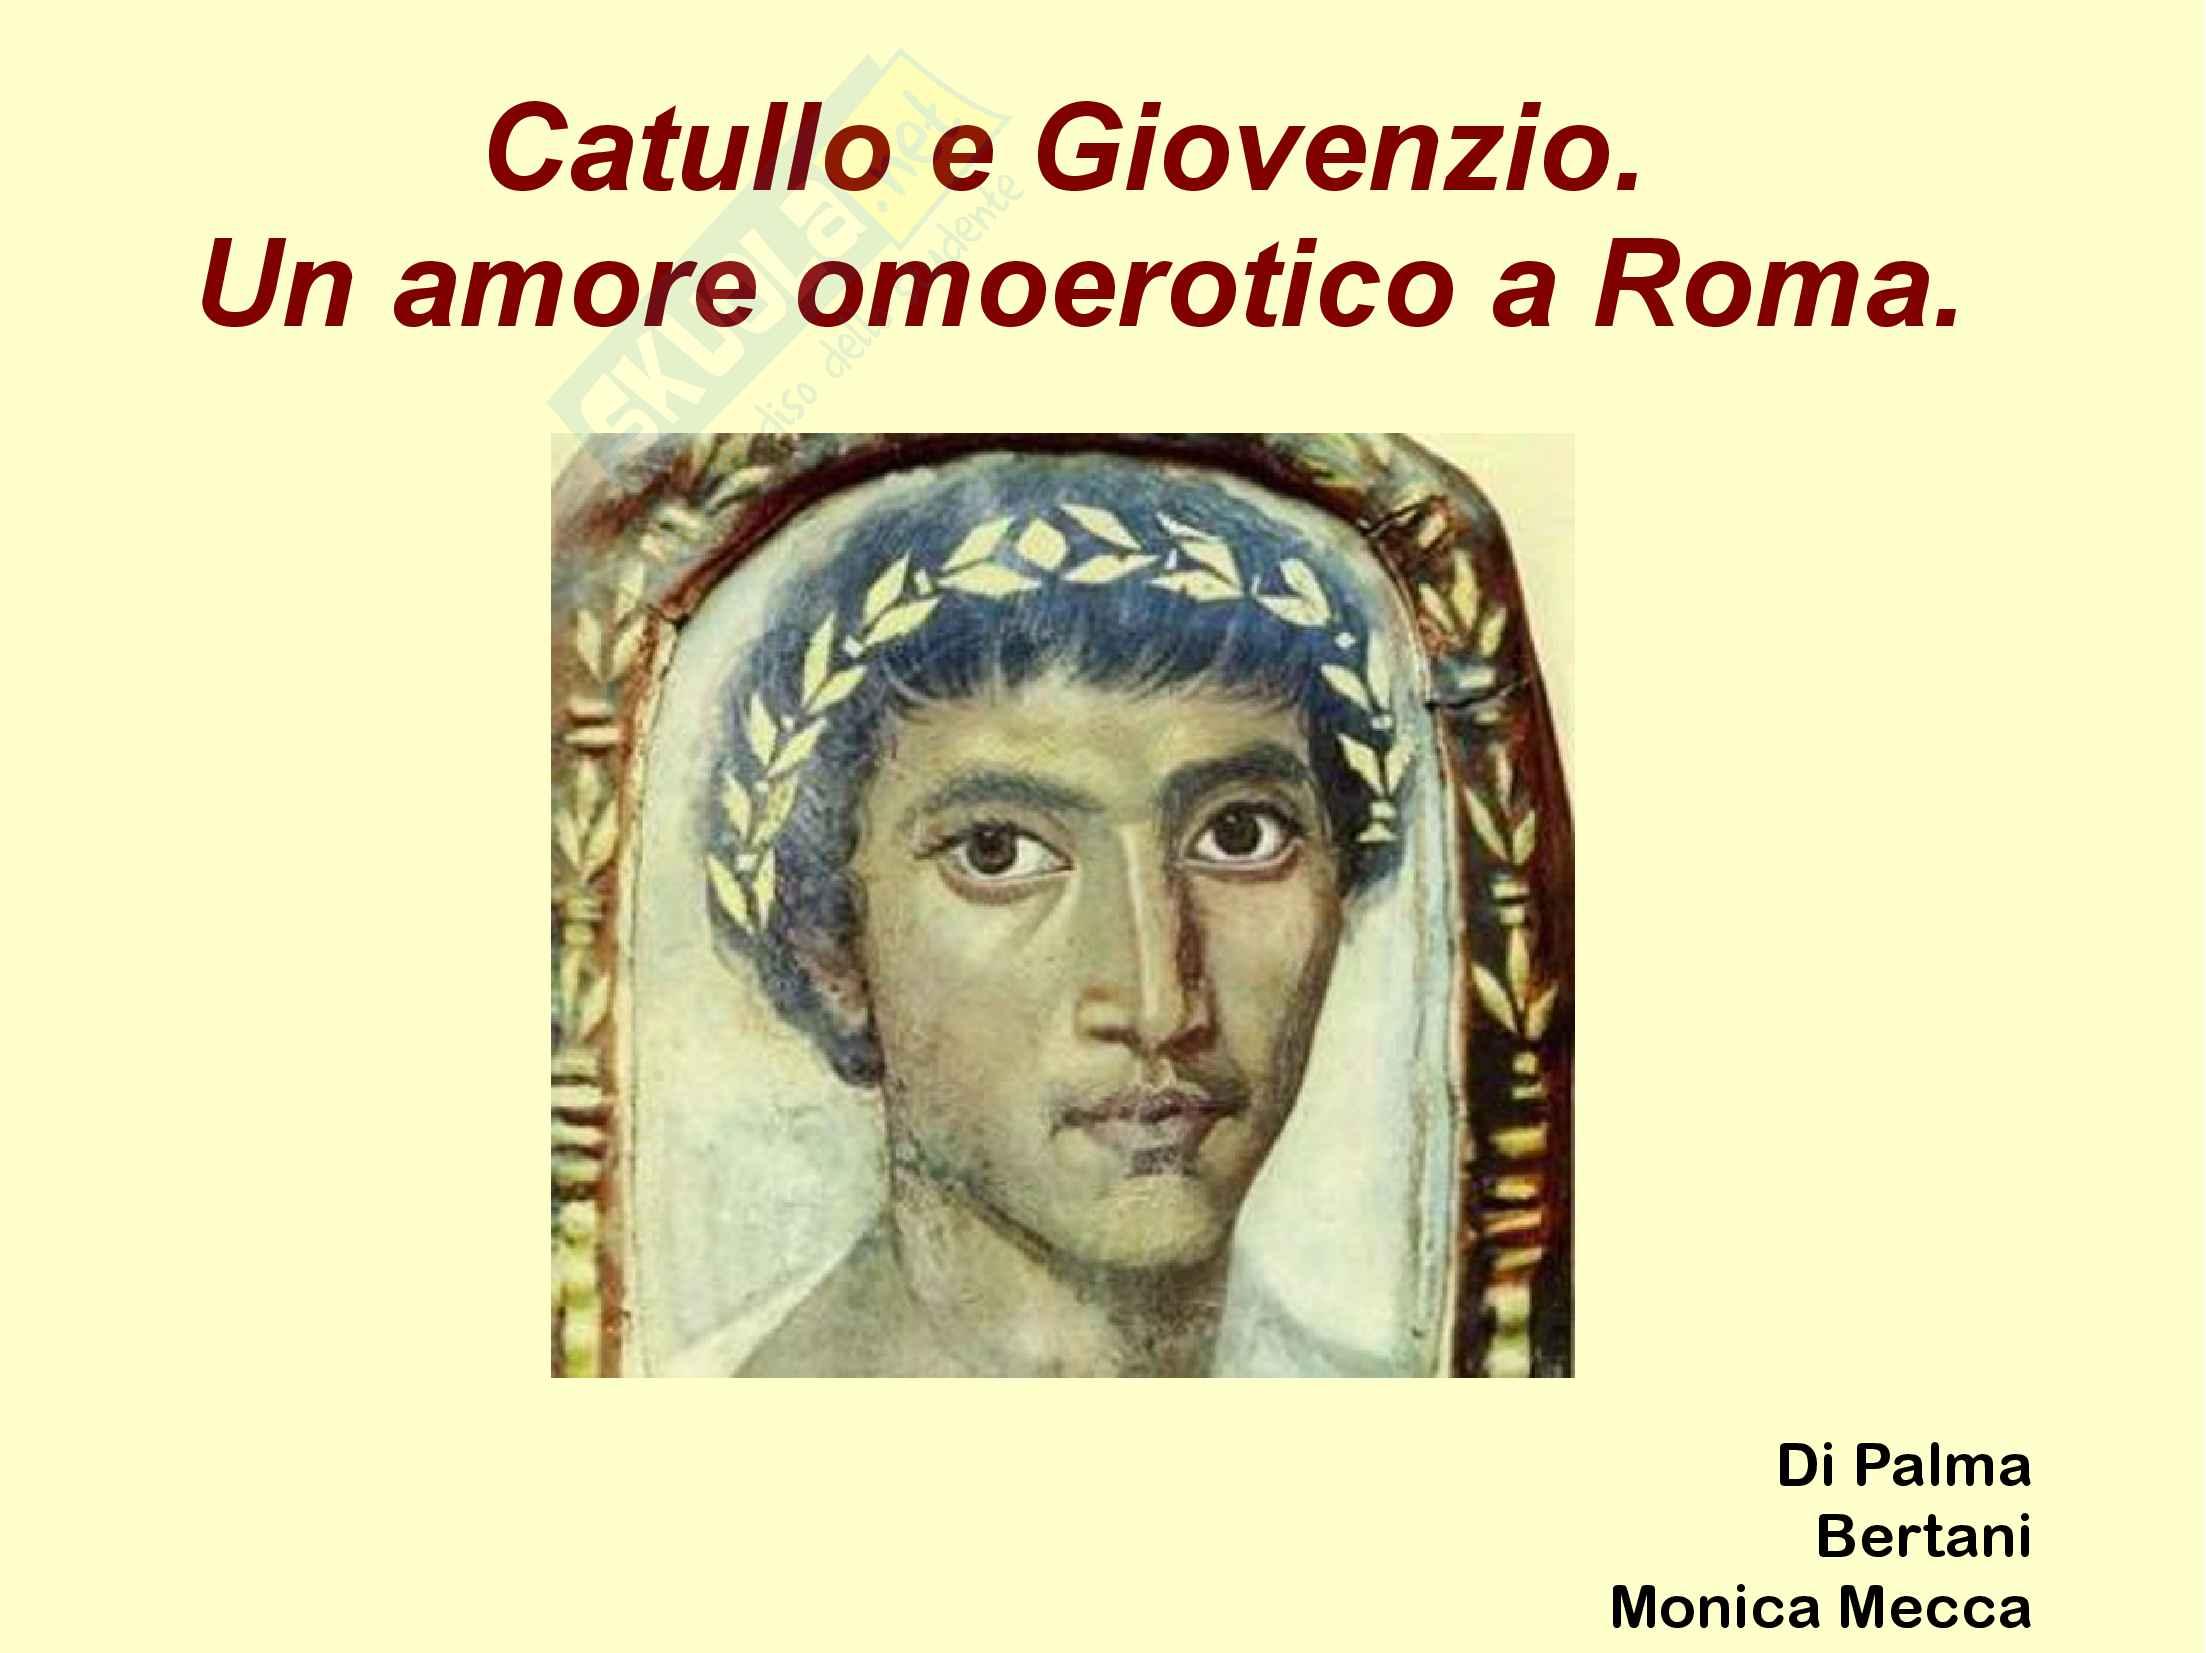 Catullo e Giovenzio